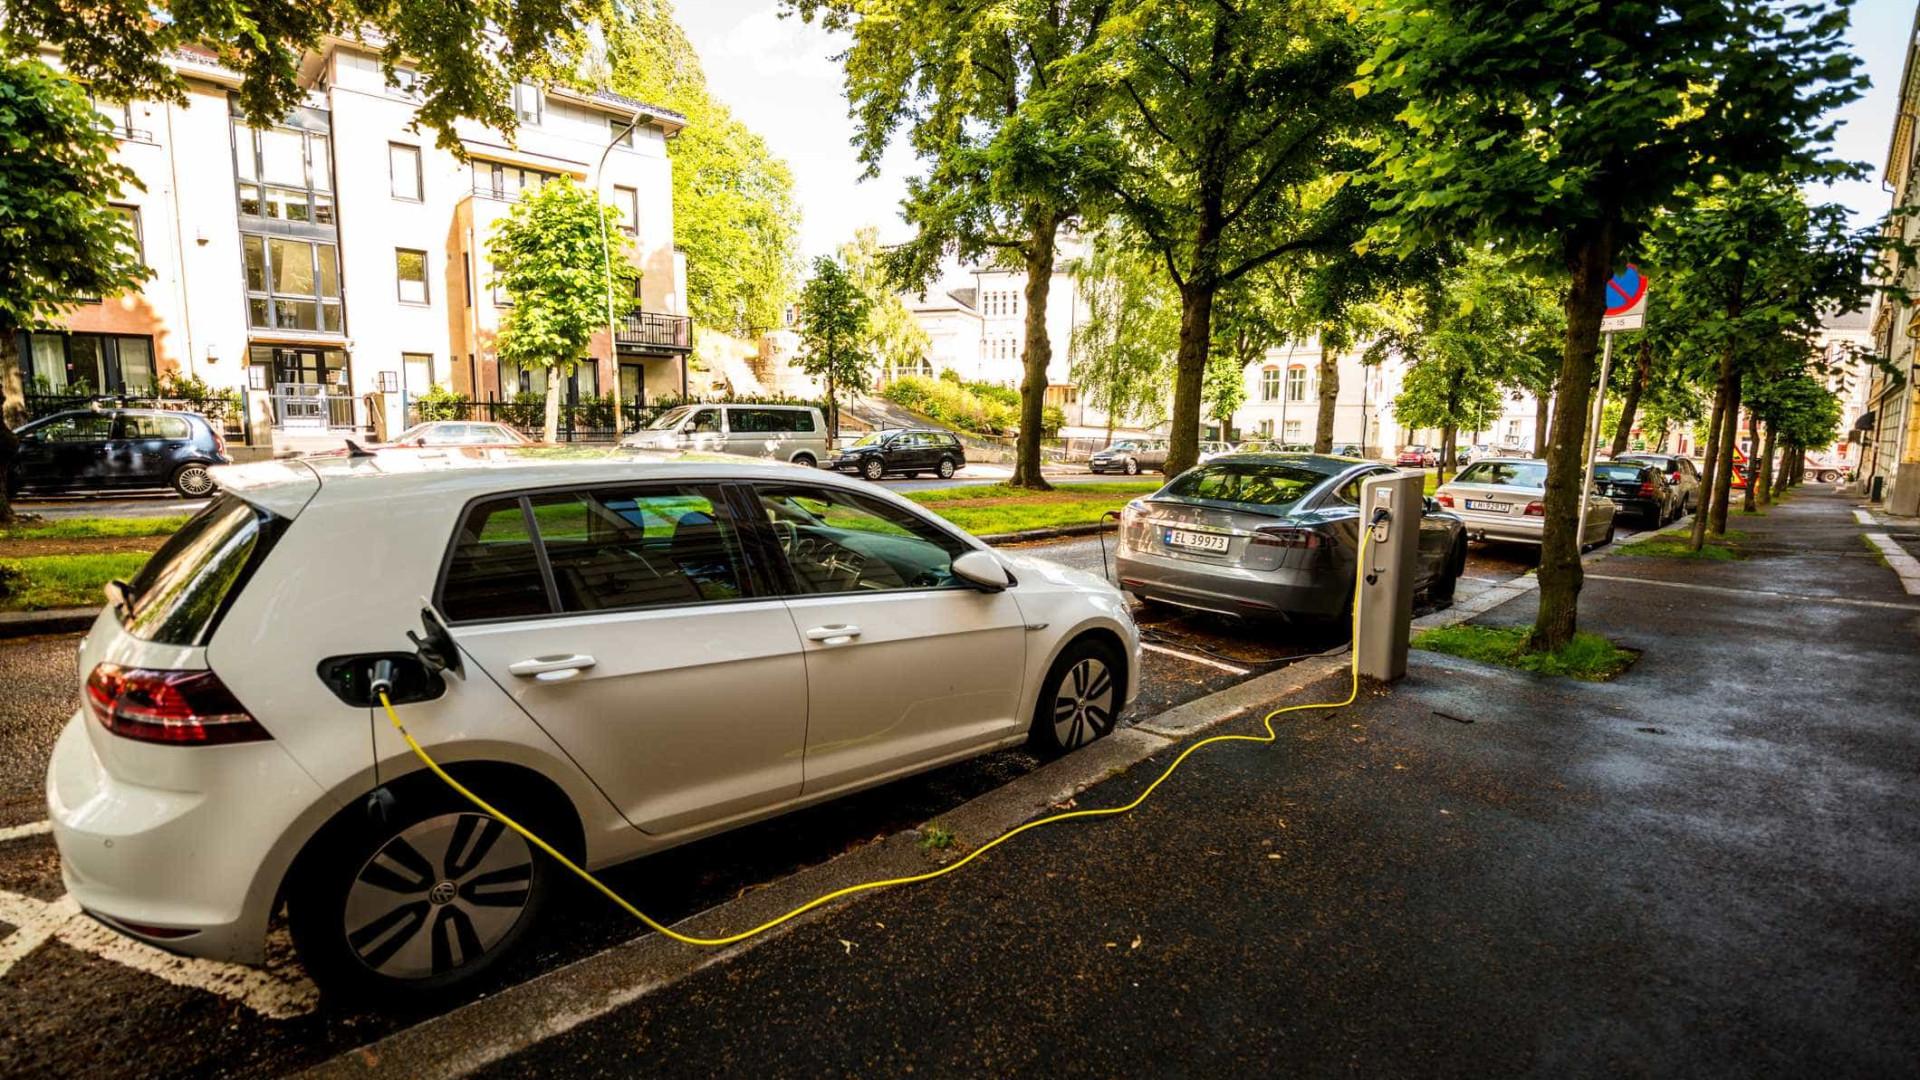 Autonomia dos carros elétricos é inferior em 31% à que é publicitada